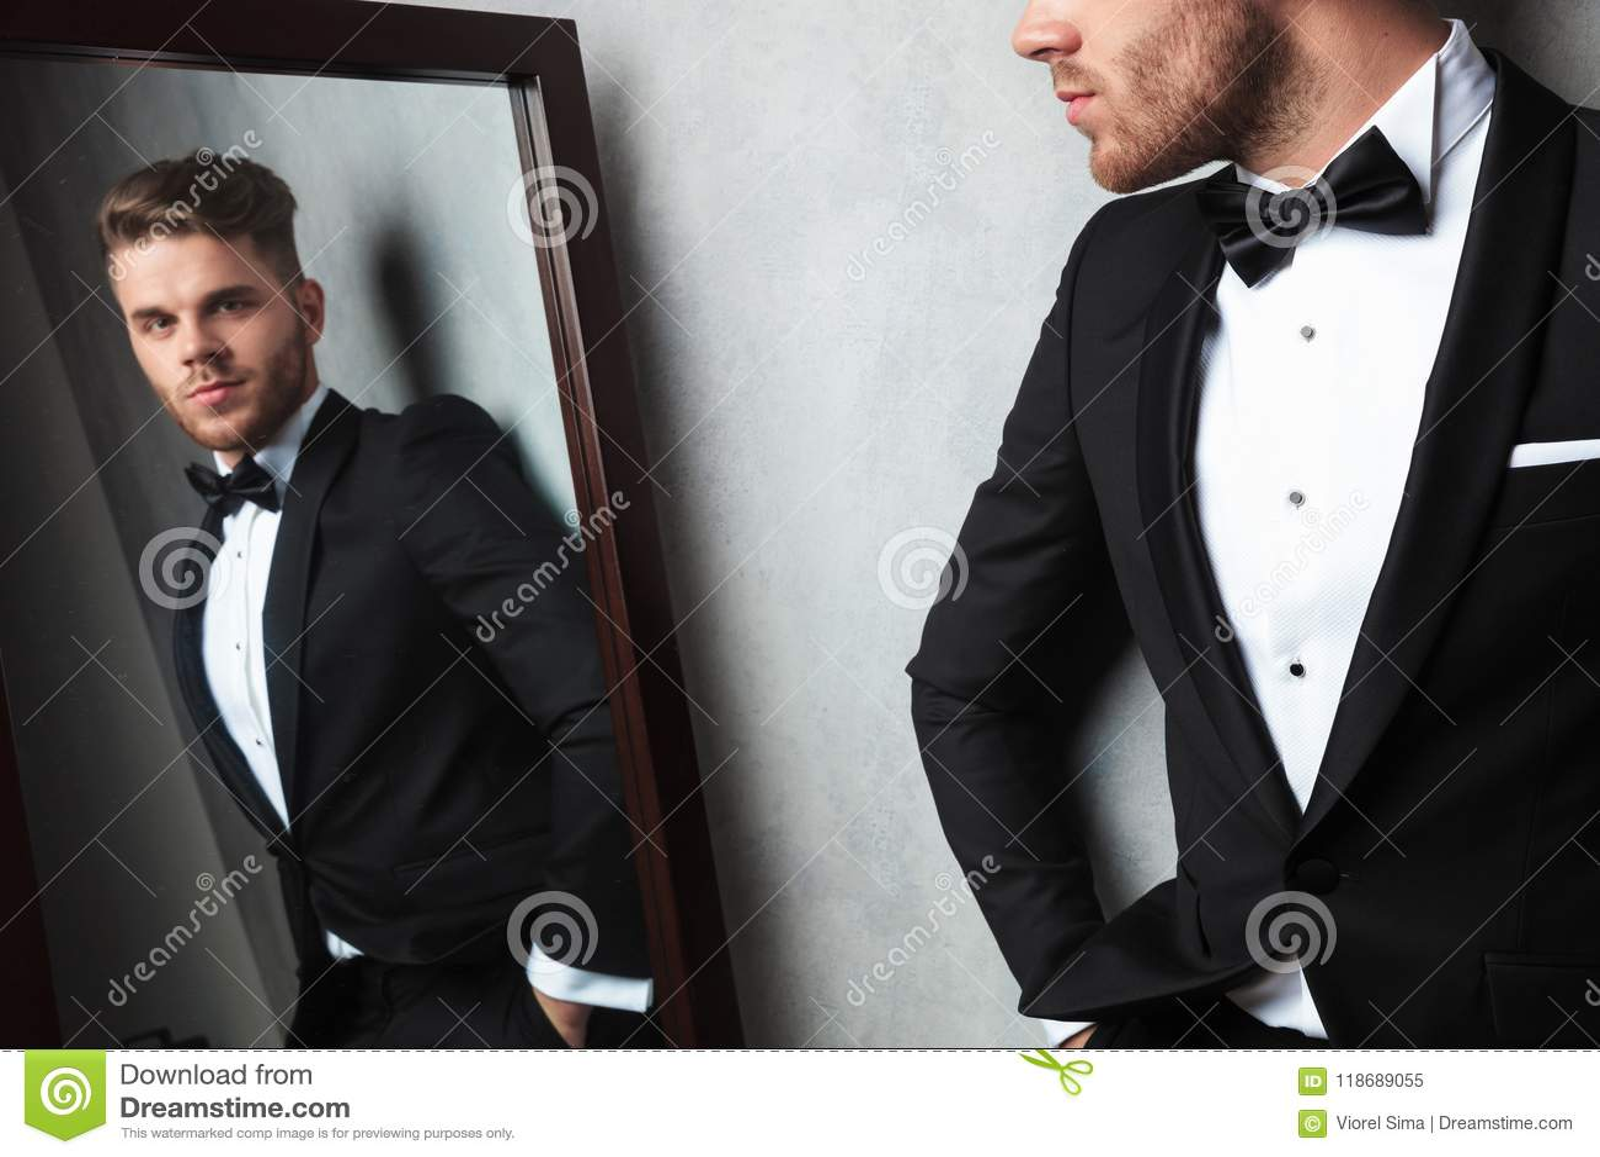 Spiegelreflexion des entspannten jungen Mannes, der ein schwarzes Smoking trägt